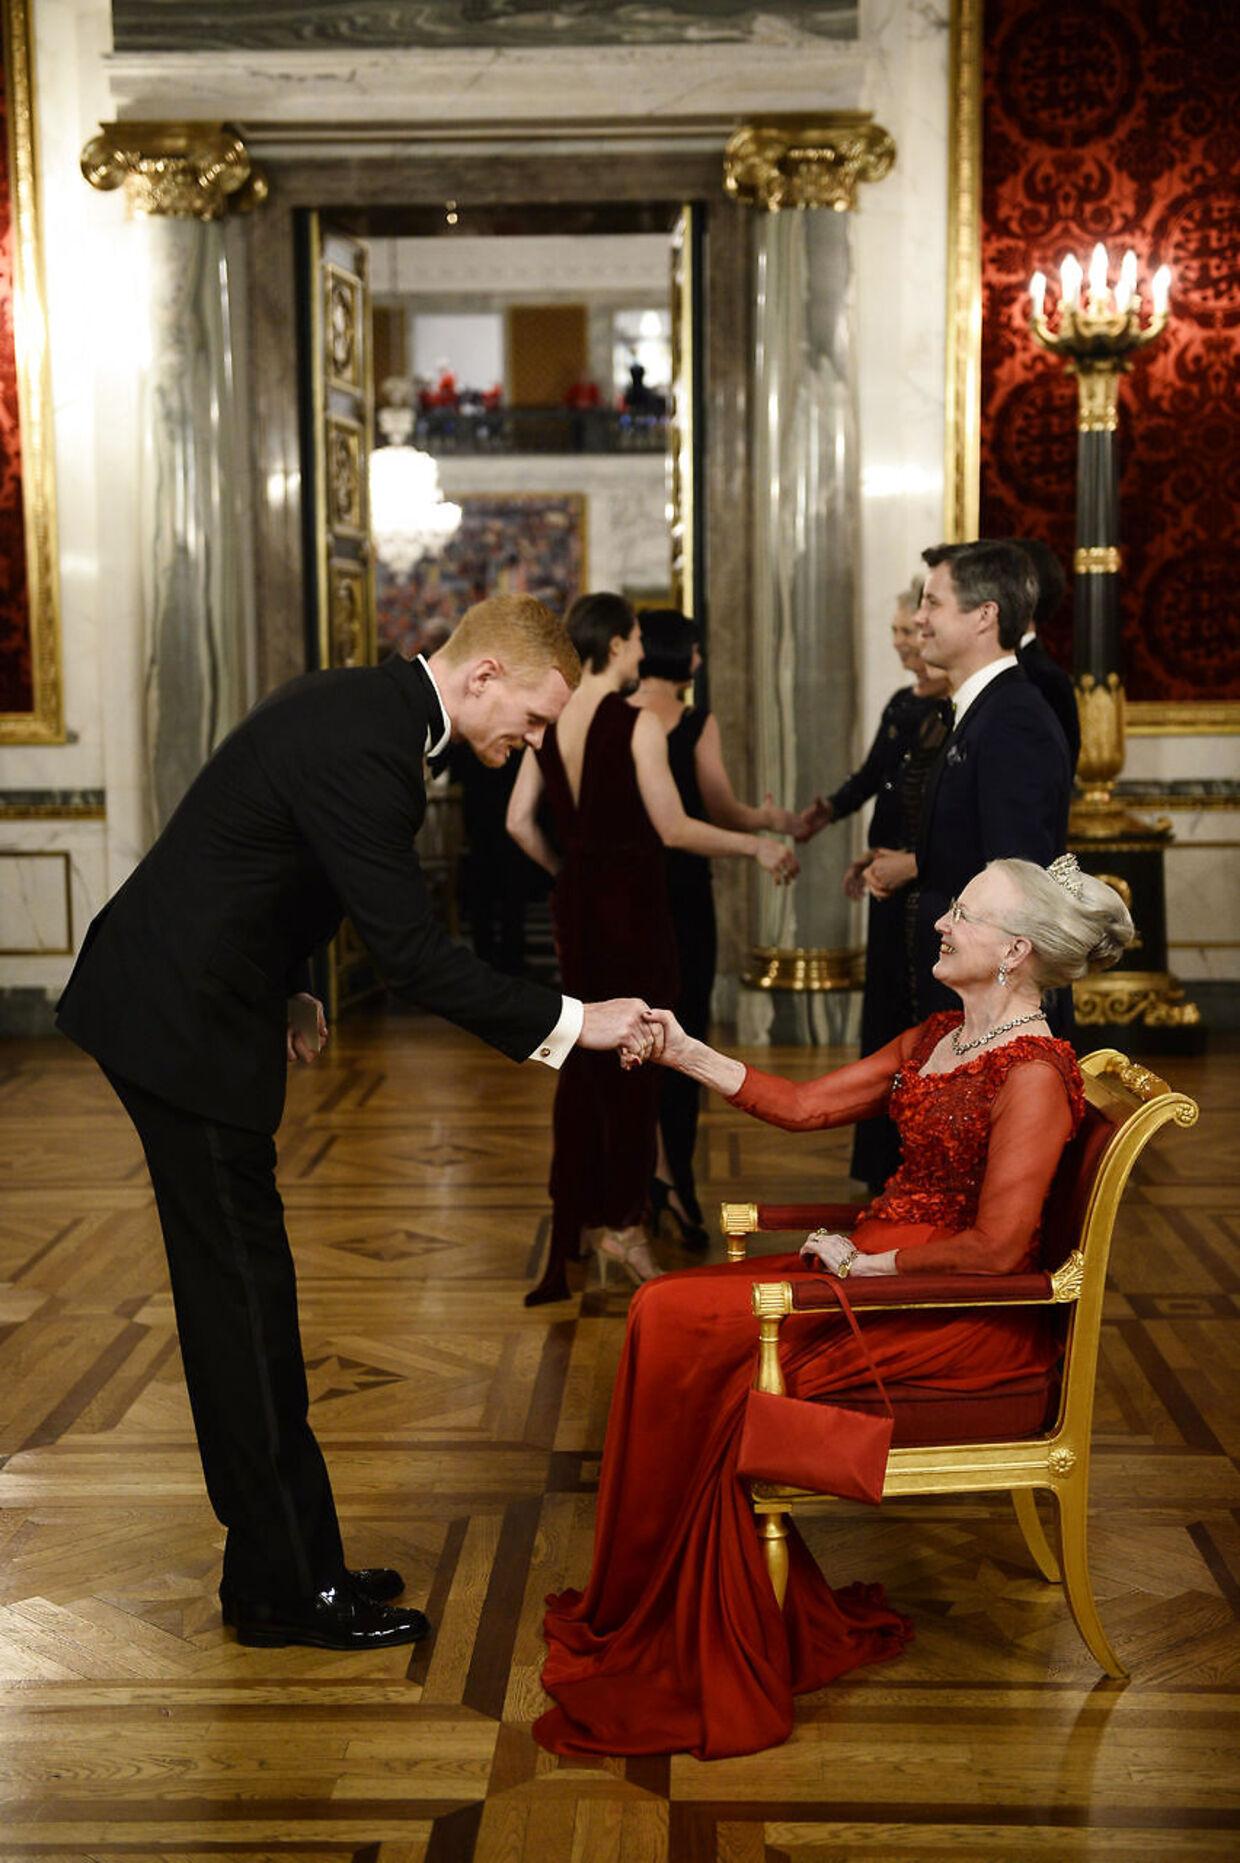 Peter Plaugborg hilser på Dronningen under et aftenselskab for kunst og kultur på Christiansborg Slot i 2016.